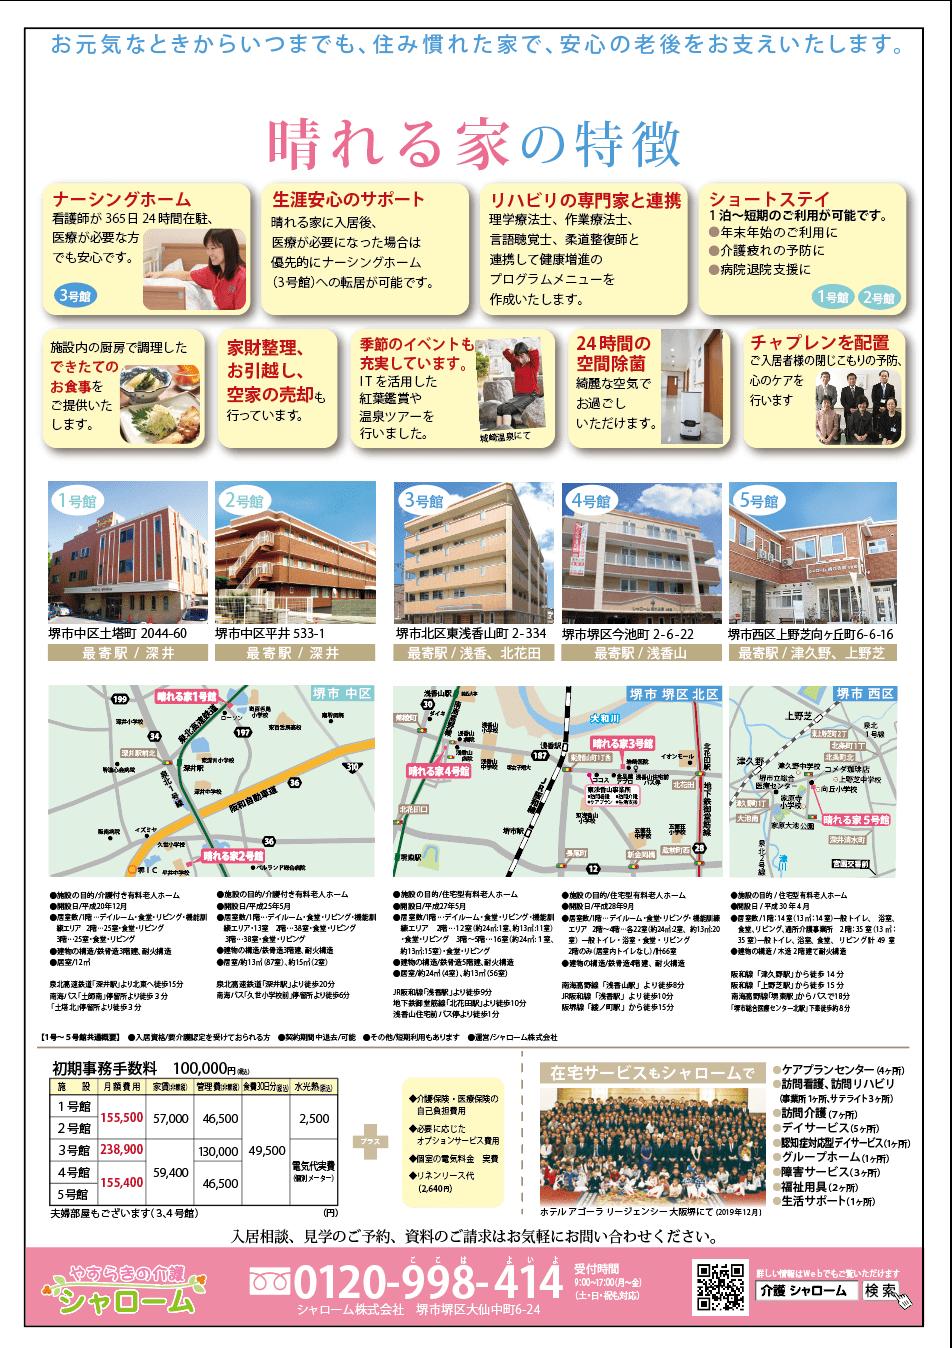 堺市の老人ホーム 晴れる家 見学会 2021年5月